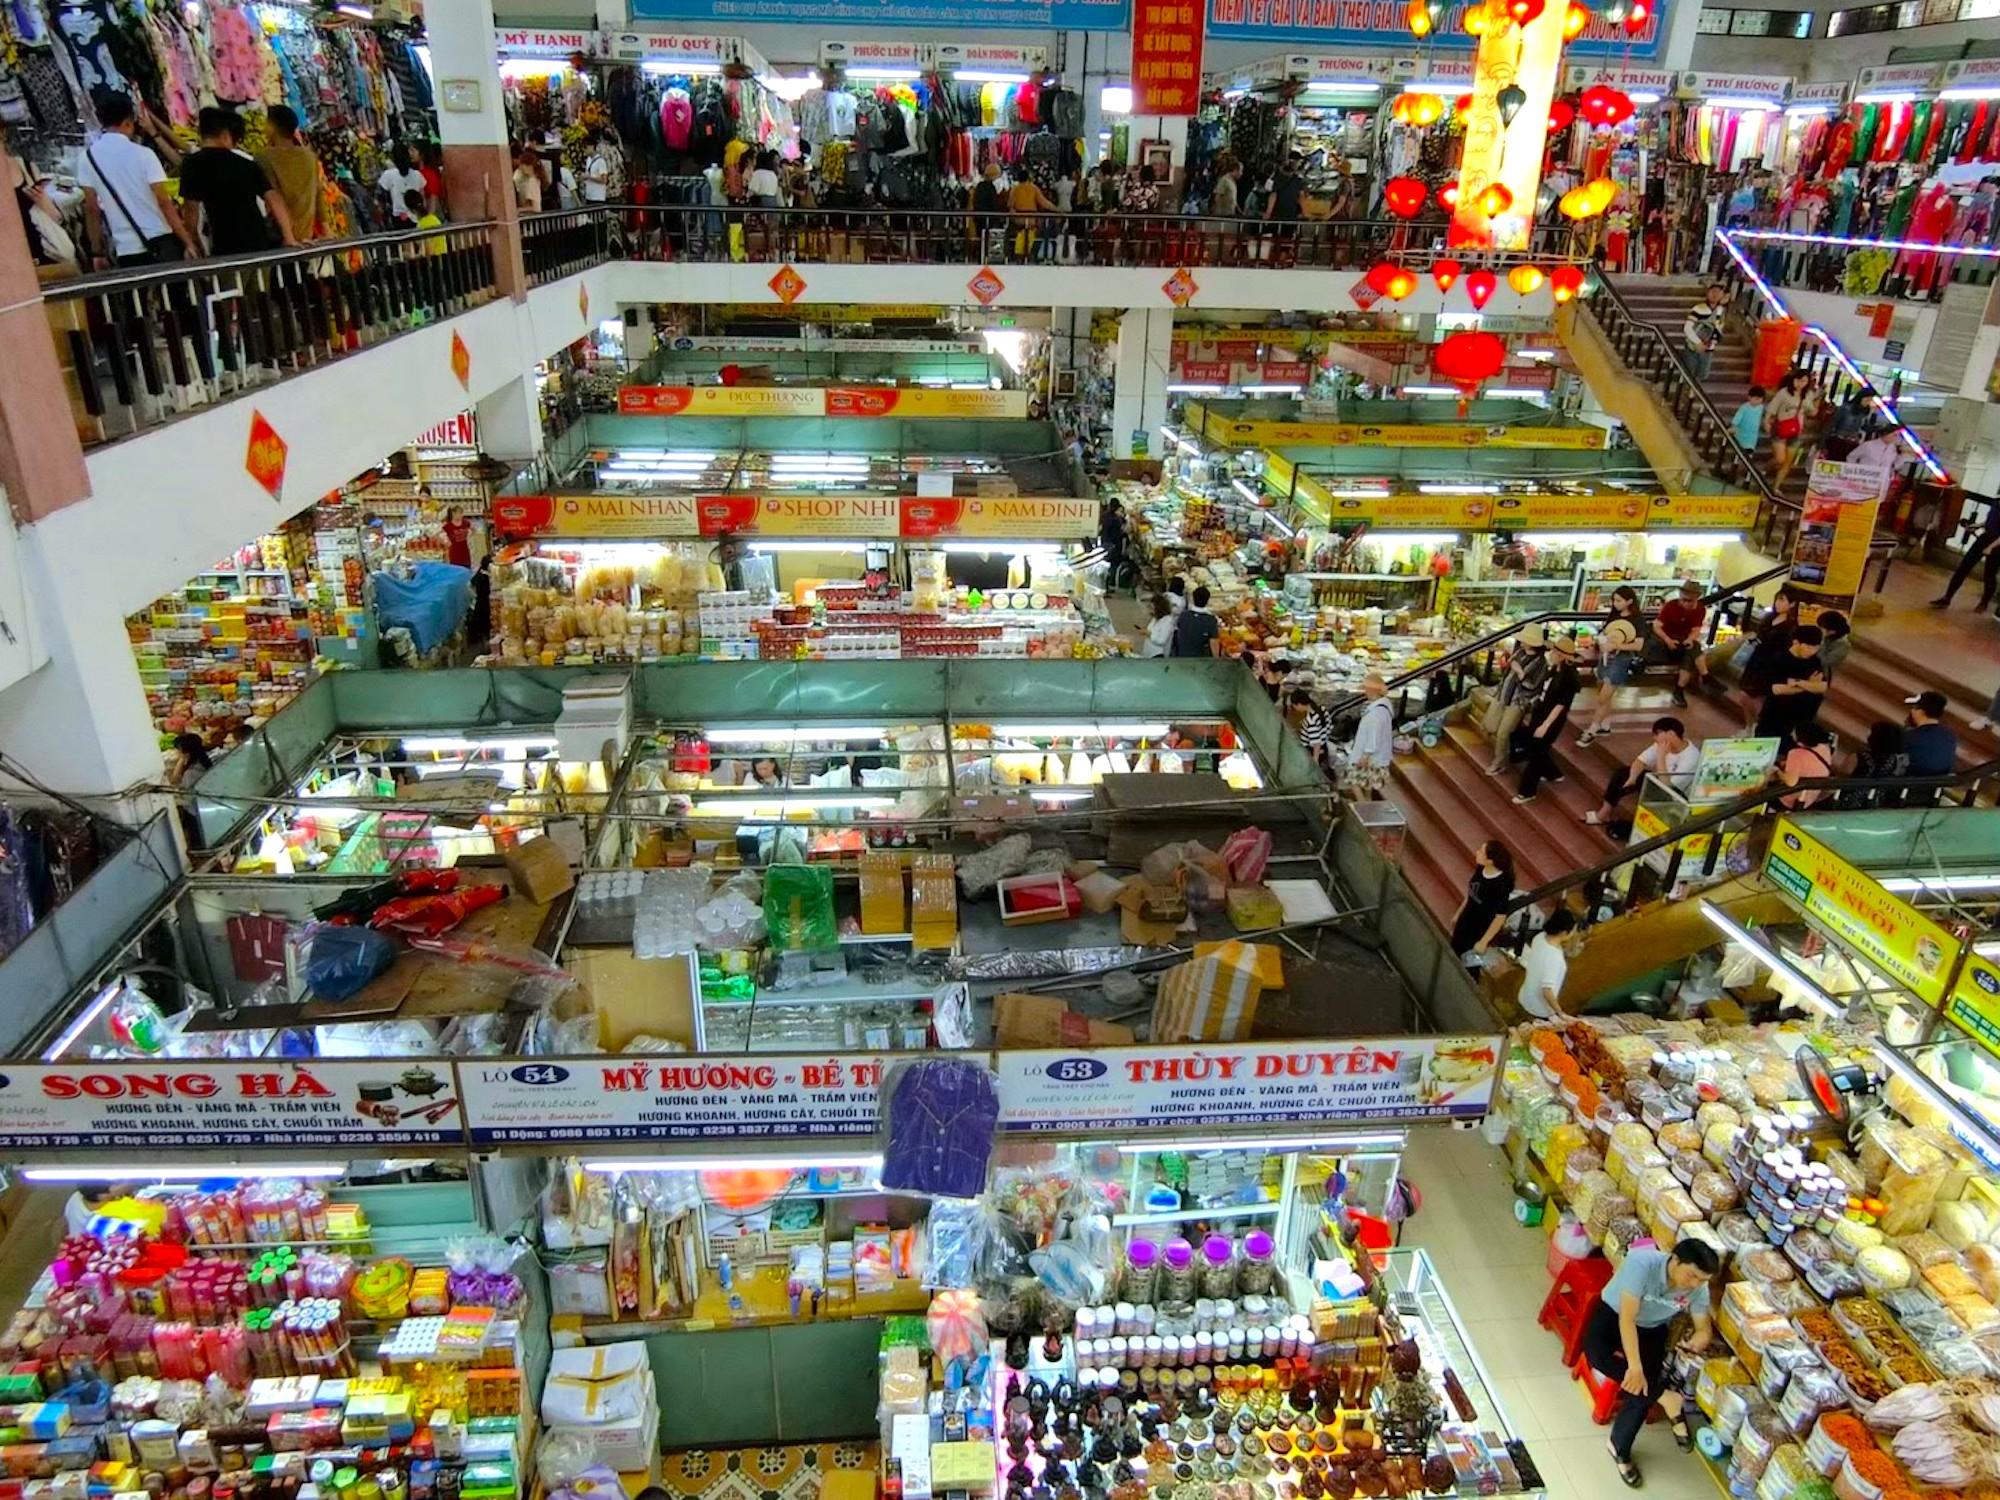 ベトナム,ダナン,ハン市場